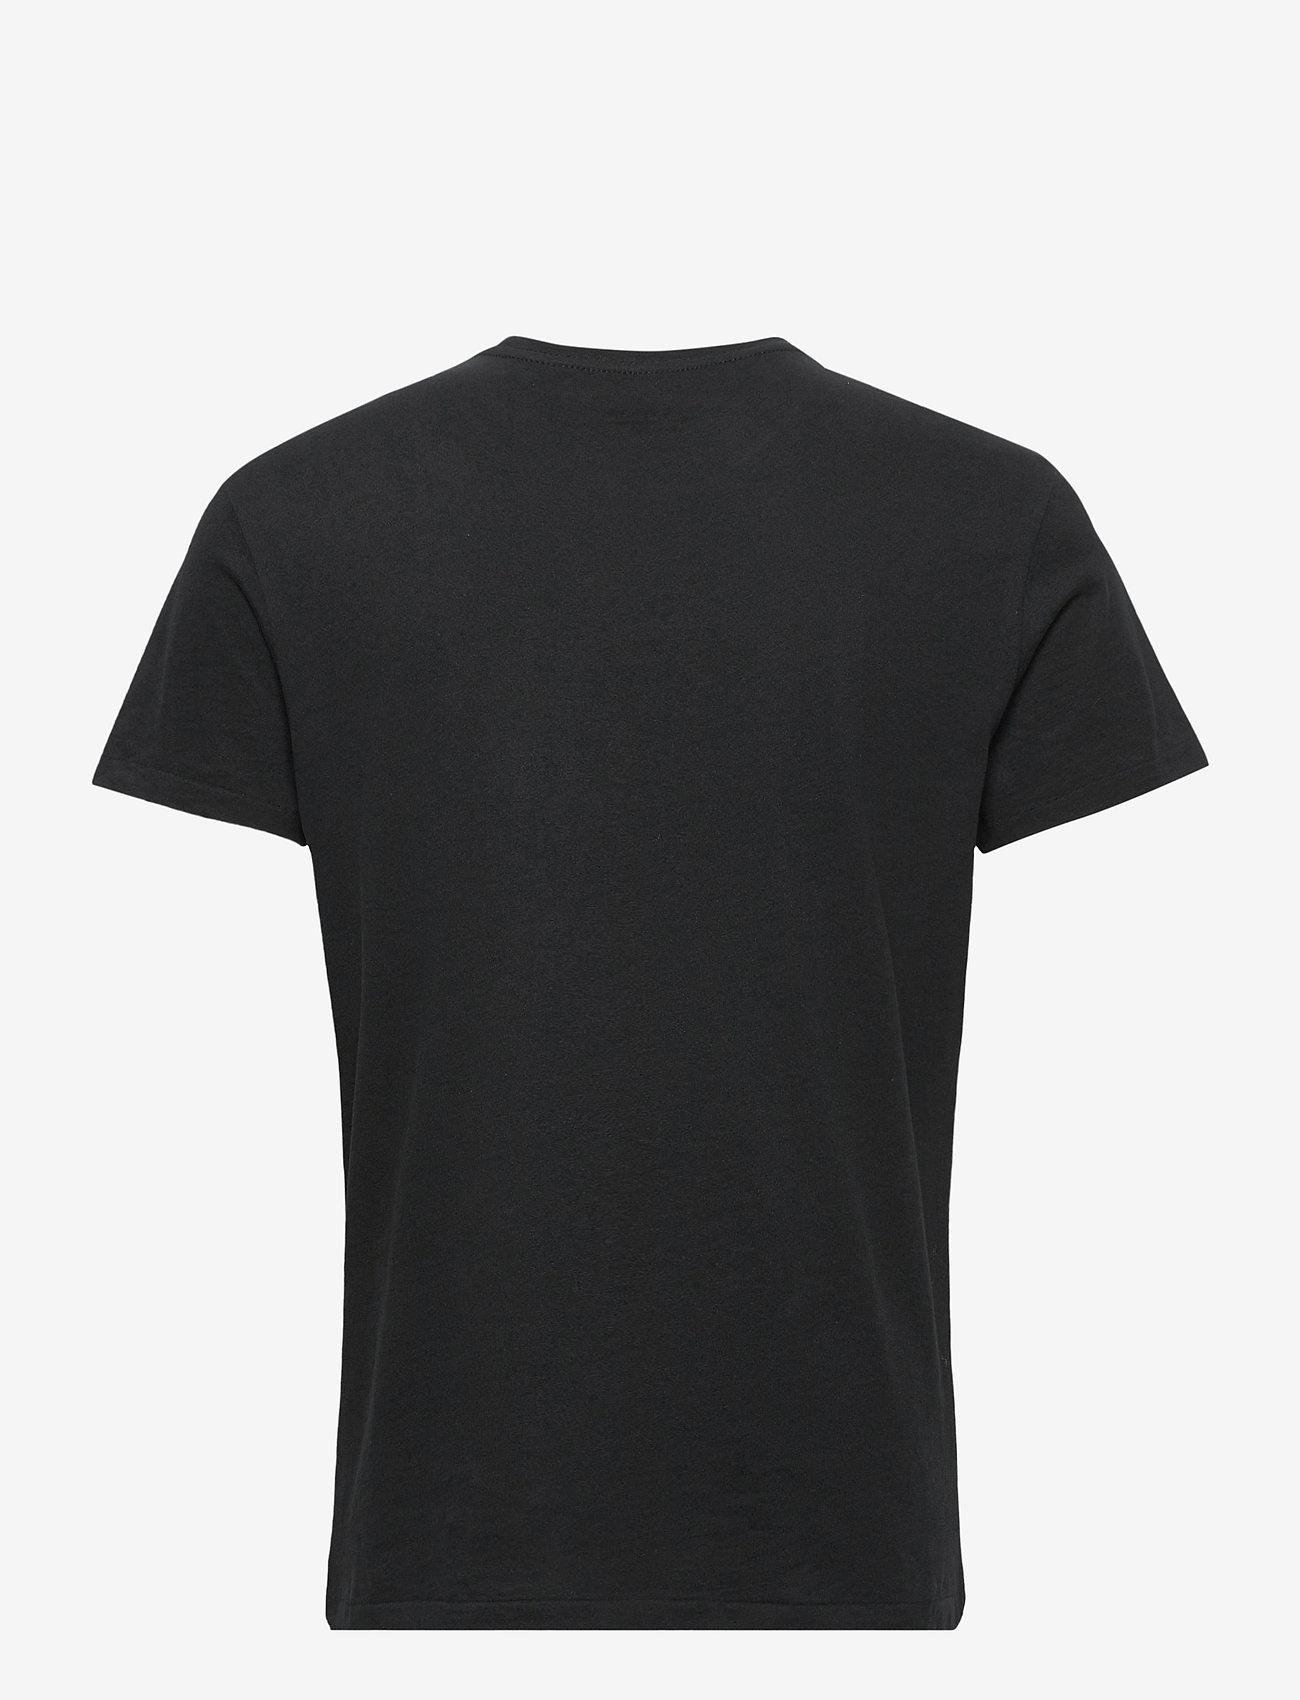 AllSaints - ELEMENT SS CREW - t-shirts basiques - jet black - 1